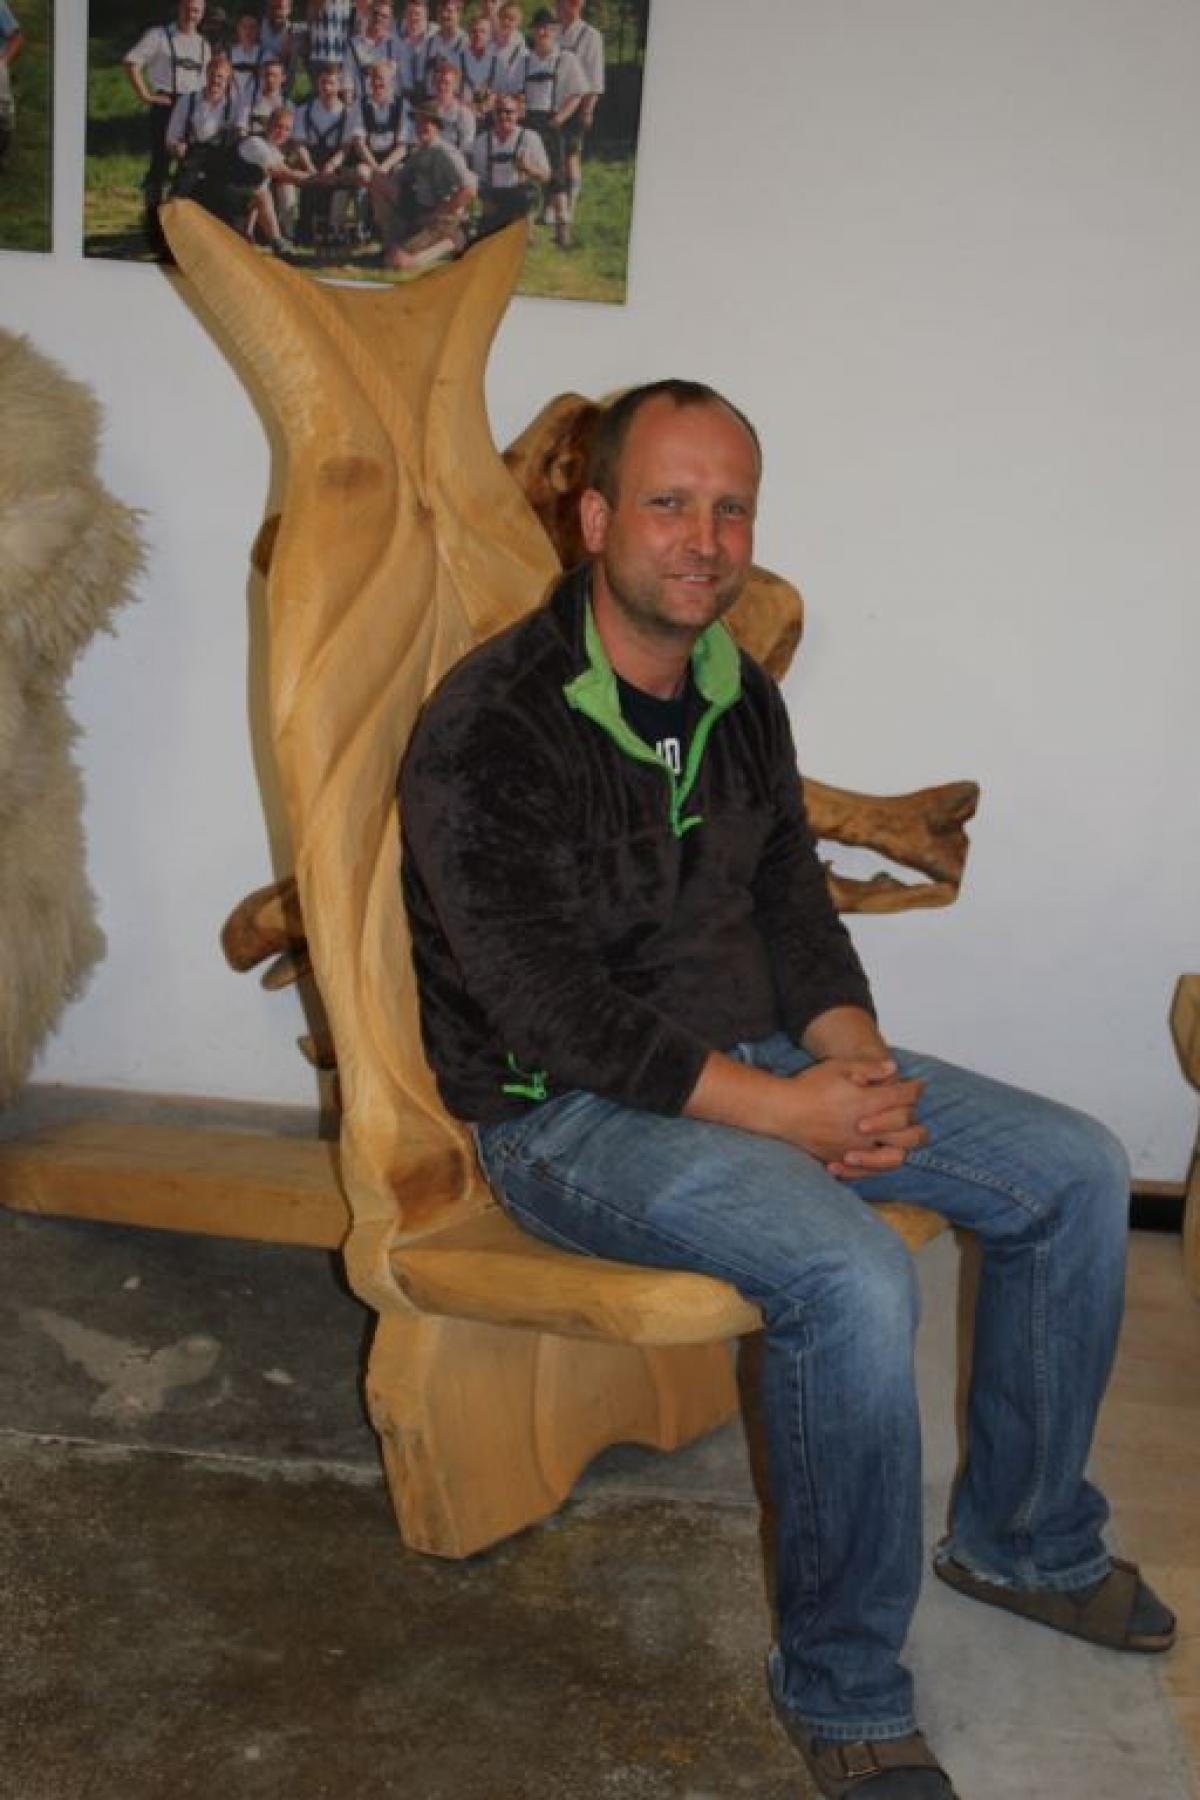 Ein Wikinger-Stuhl – auf lässt sich gut sitzen.